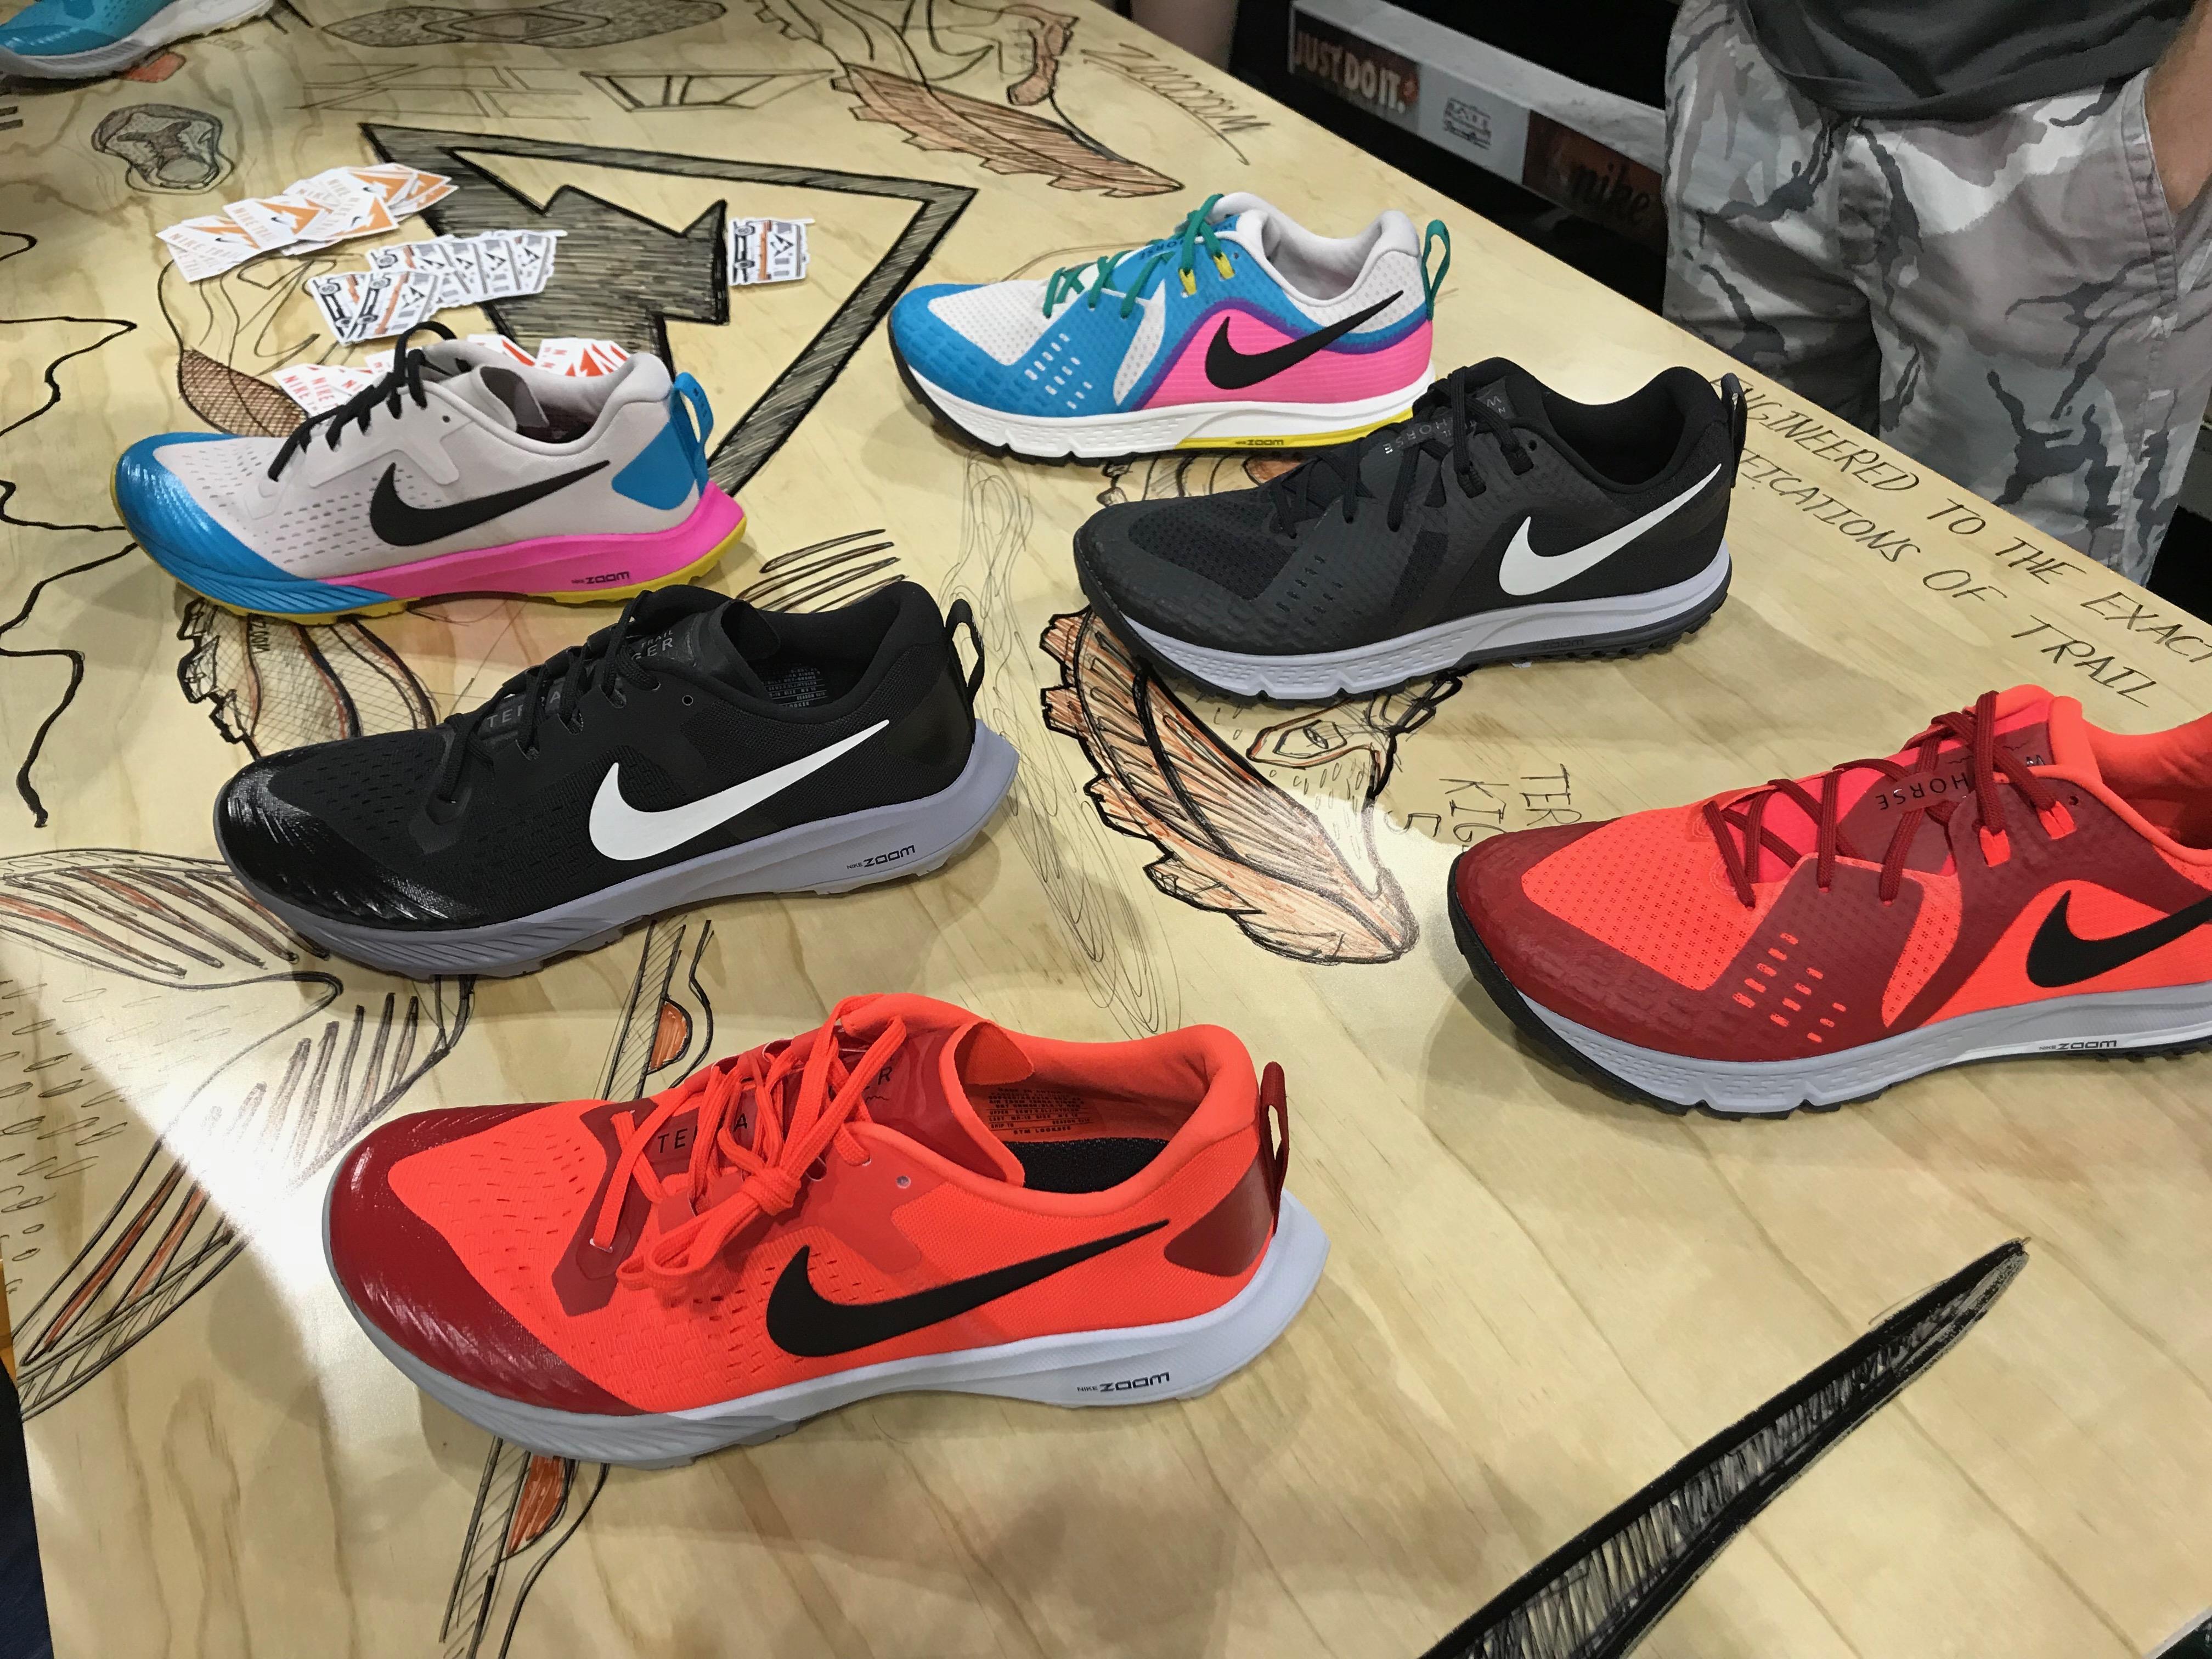 Outdoor Retailer 2018 Summer Market Recap – Nike Highlights fe8b802b4